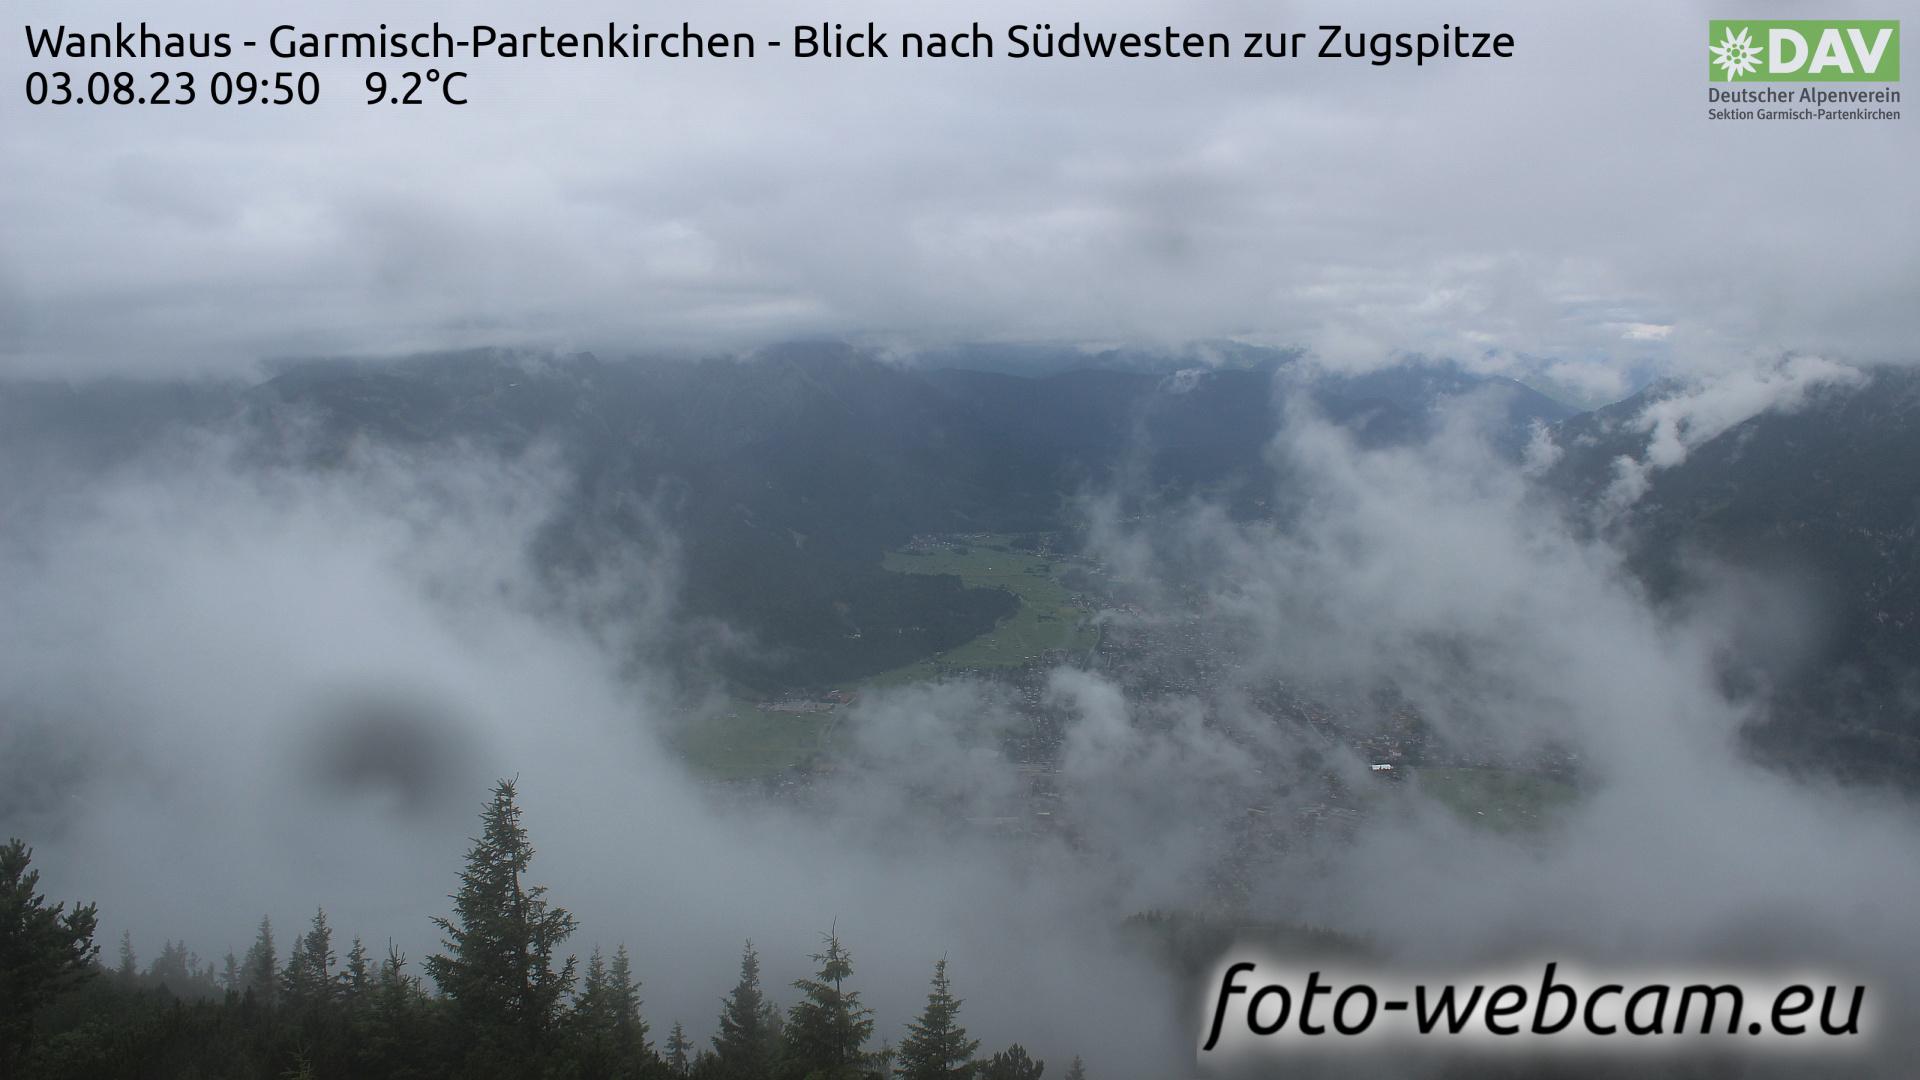 Garmisch-Partenkirchen Mon. 09:52